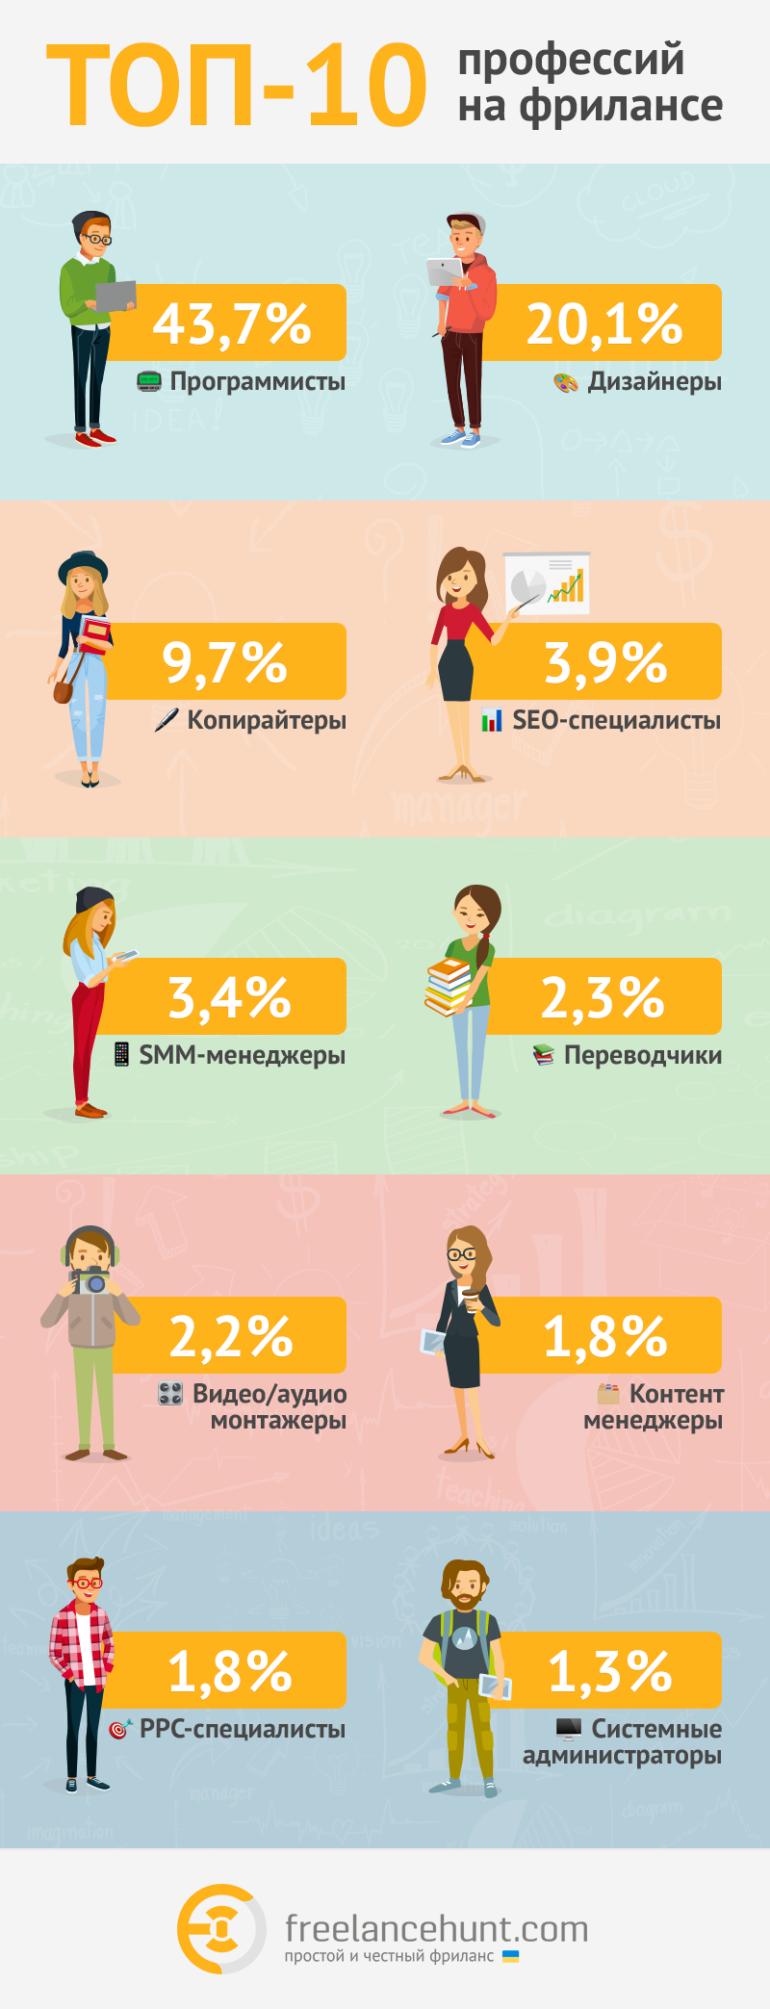 Украинский сервис Freelancehunt назвал 10 наиболее востребованных профессий на фрилансе в 2019 году [инфографика]